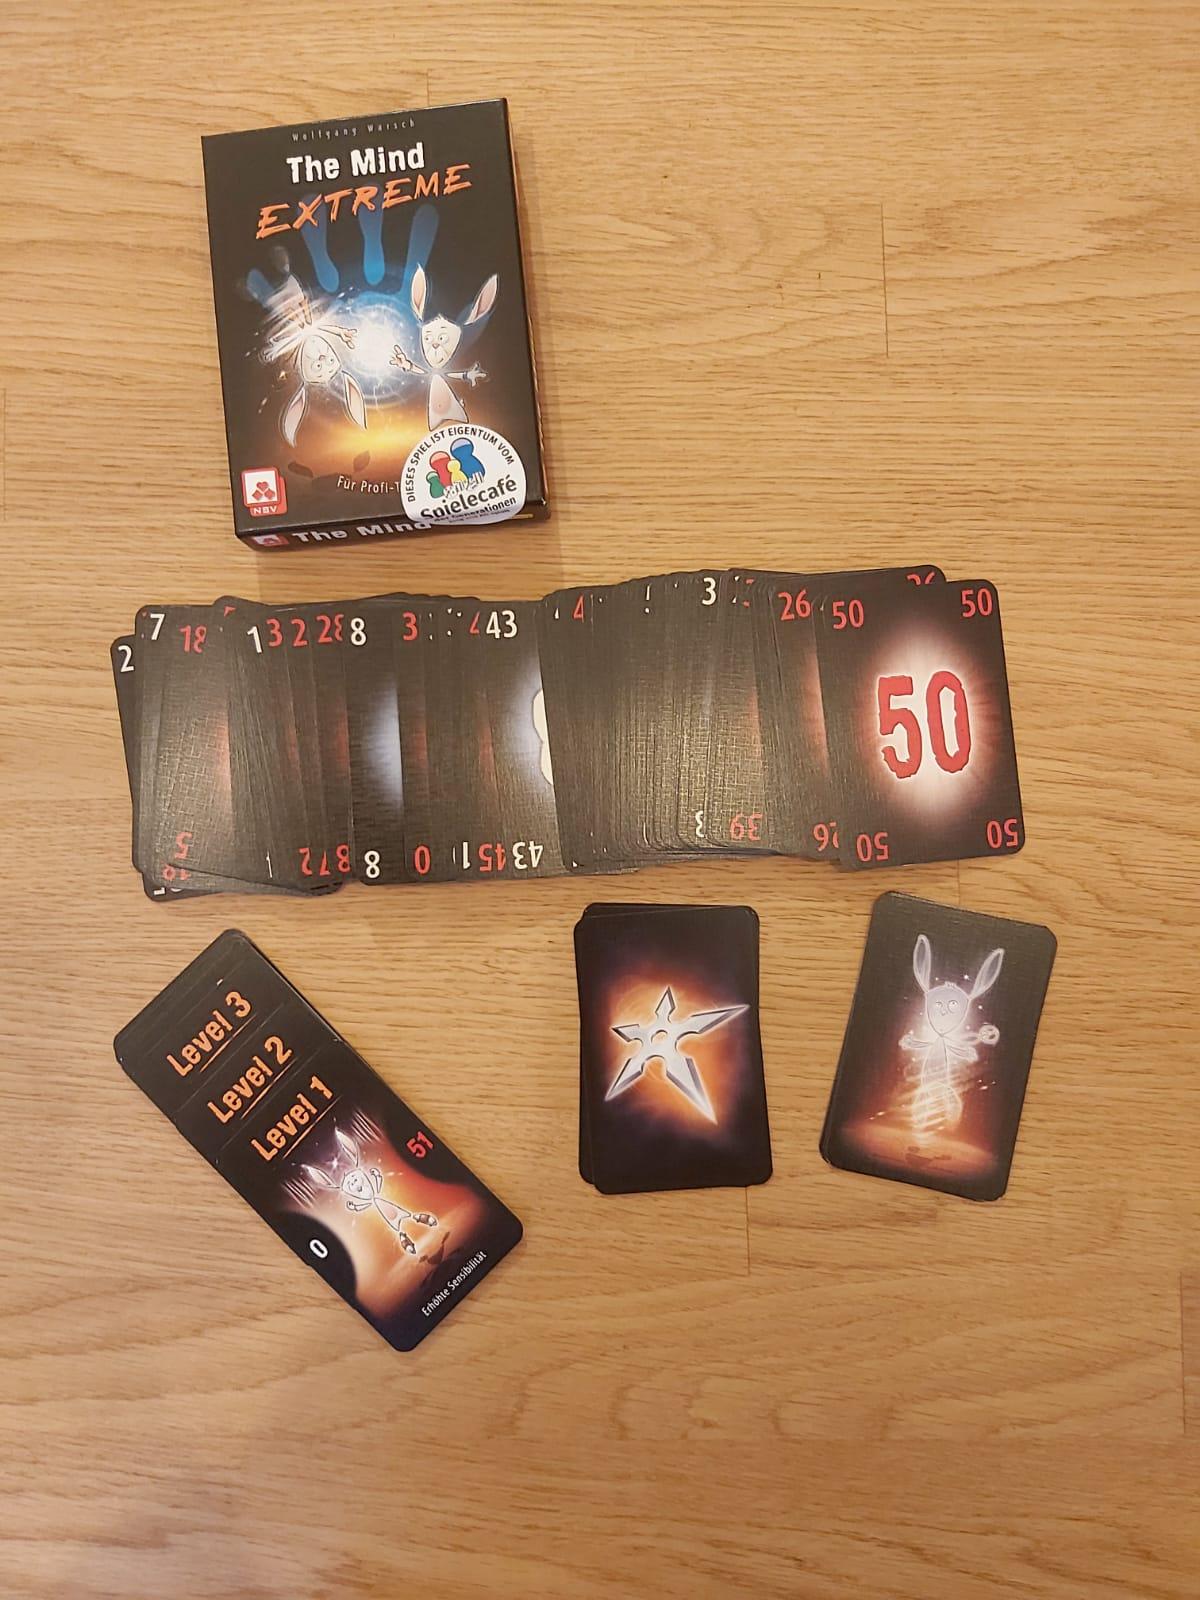 Zu sehen sind die Verpackung von The Mind Extreme sowie alle zum Spiel gehörenden Spielkarten.